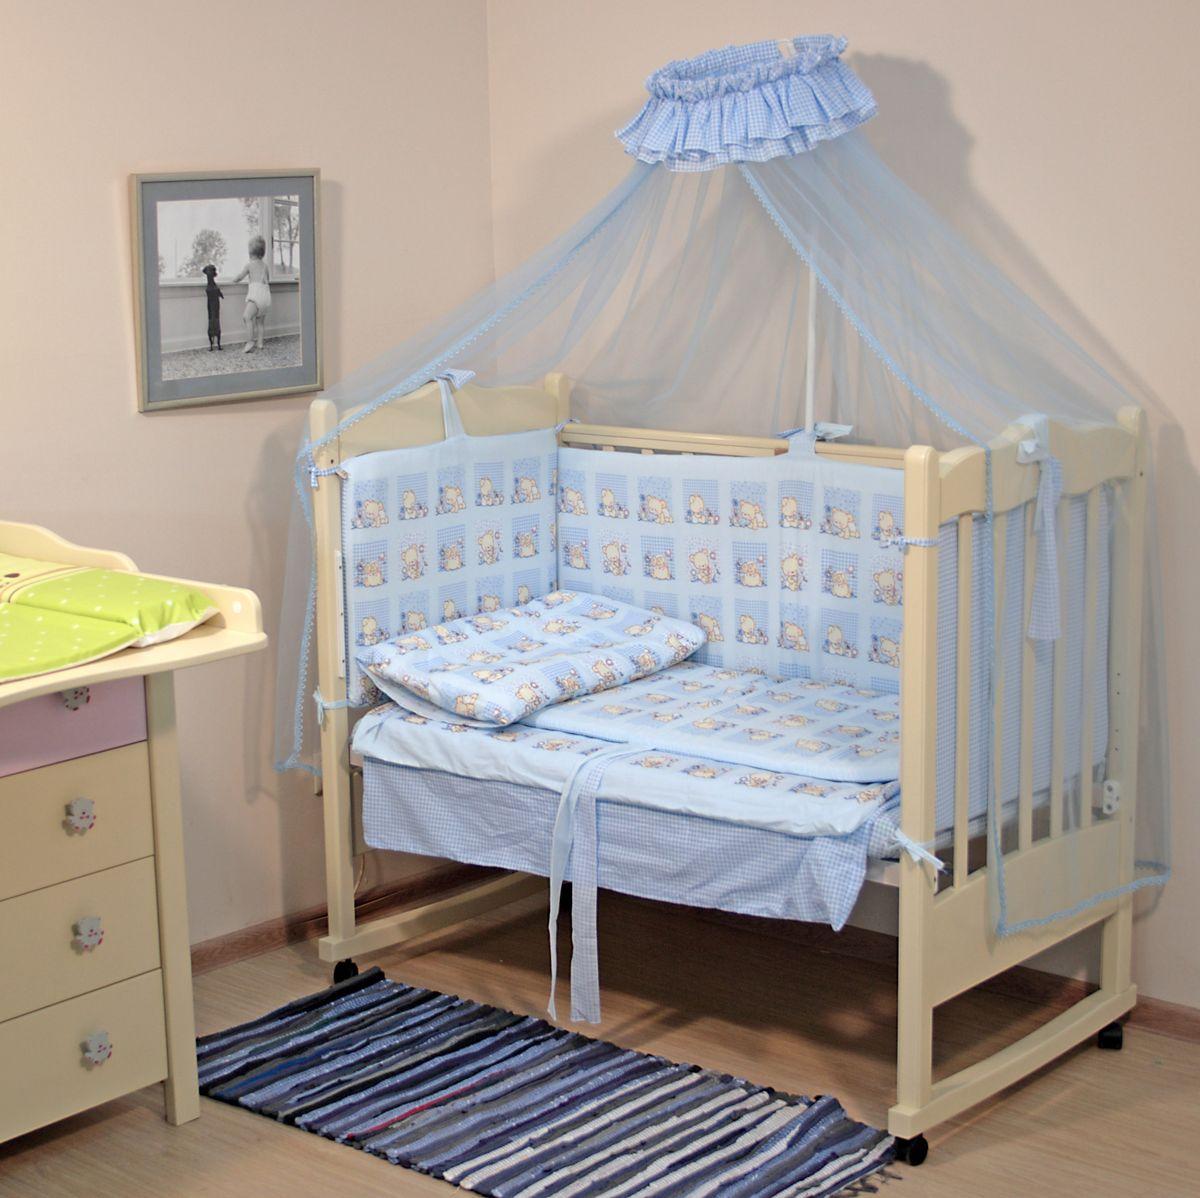 Топотушки Комплект детского постельного белья Мишутка цвет голубой 7 предметов4630008873847Комплект постельного белья из 7 предметов включает все необходимые элементы для детской кроватки. Комплект создает для Вашего ребенка уют, комфорт и безопасную среду с рождения, современный дизайн и цветовые сочетания помогают ребенку адаптироваться в новом для него мире. Комплекты «Топотушки» хорошо вписываются в интерьер как детской комнаты, так и спальни родителей. Как и все изделия «Топотушки» данный комплект отражает самые последние технологии, является безопасным для малыша и экологичным. Российское происхождение комплекта гарантирует стабильно высокое качество, соответствие актуальным пожеланиям потребителей, конкурентоспособную цену. Комплектация: Балдахин 3м (сетка); охранный бампер 360х50см. (из 4-х частей, наполнитель – холлофайбер); подушка 40х60см. (наполнитель – холлофайбер); одеяло 140х110см. (наполнитель – холлофайбер); наволочка 40х60см; пододеяльник 147х112см; простынь на резинке 120х60см